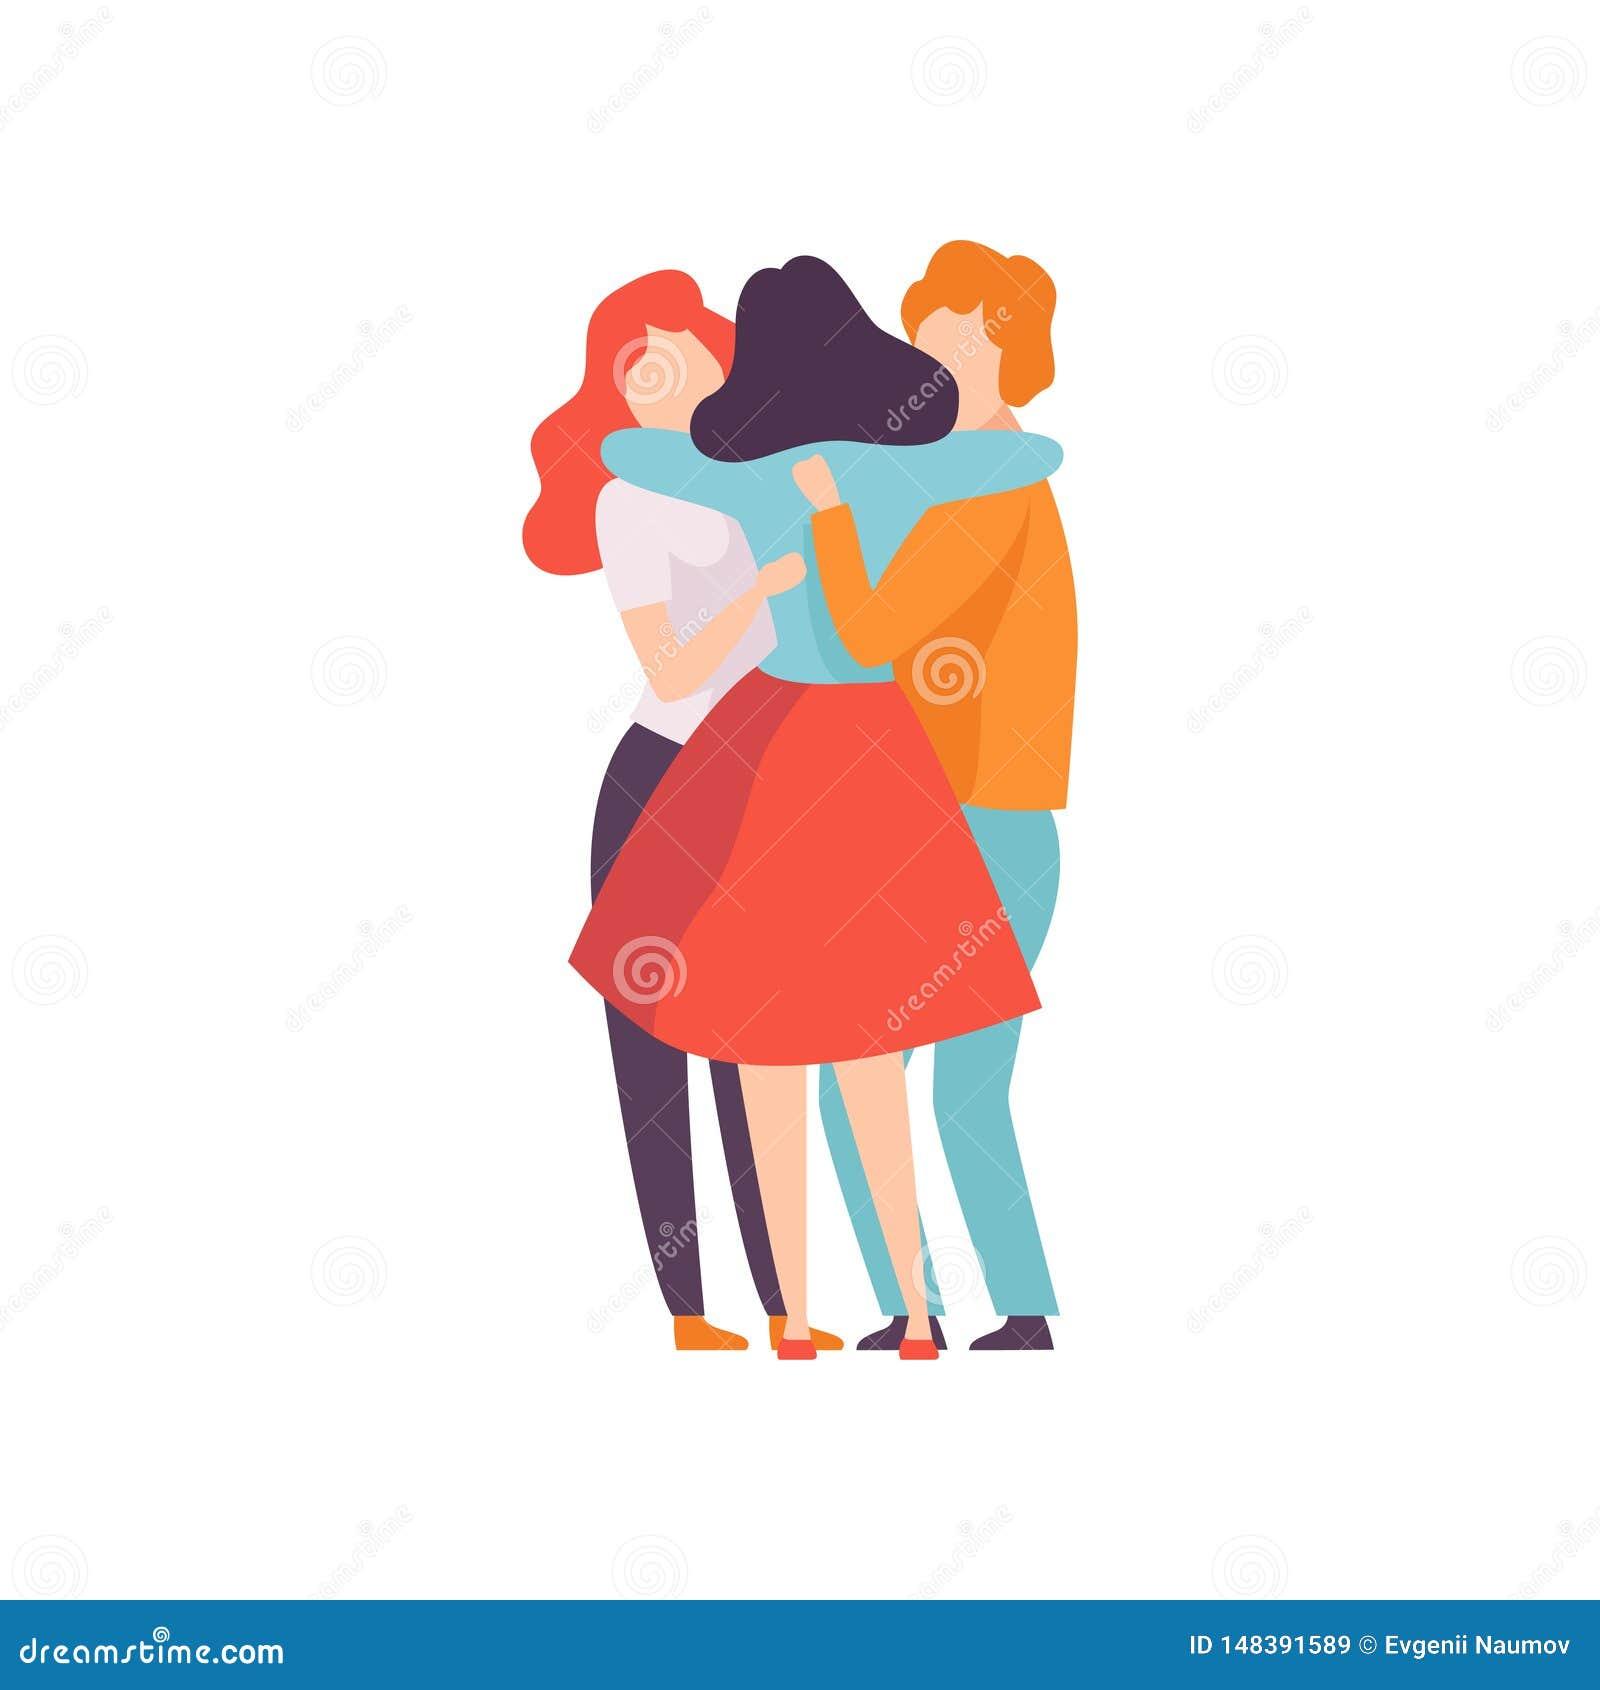 小组愉快的年轻男性和女性拥抱,庆祝事件,最好的朋友,友谊概念的人们